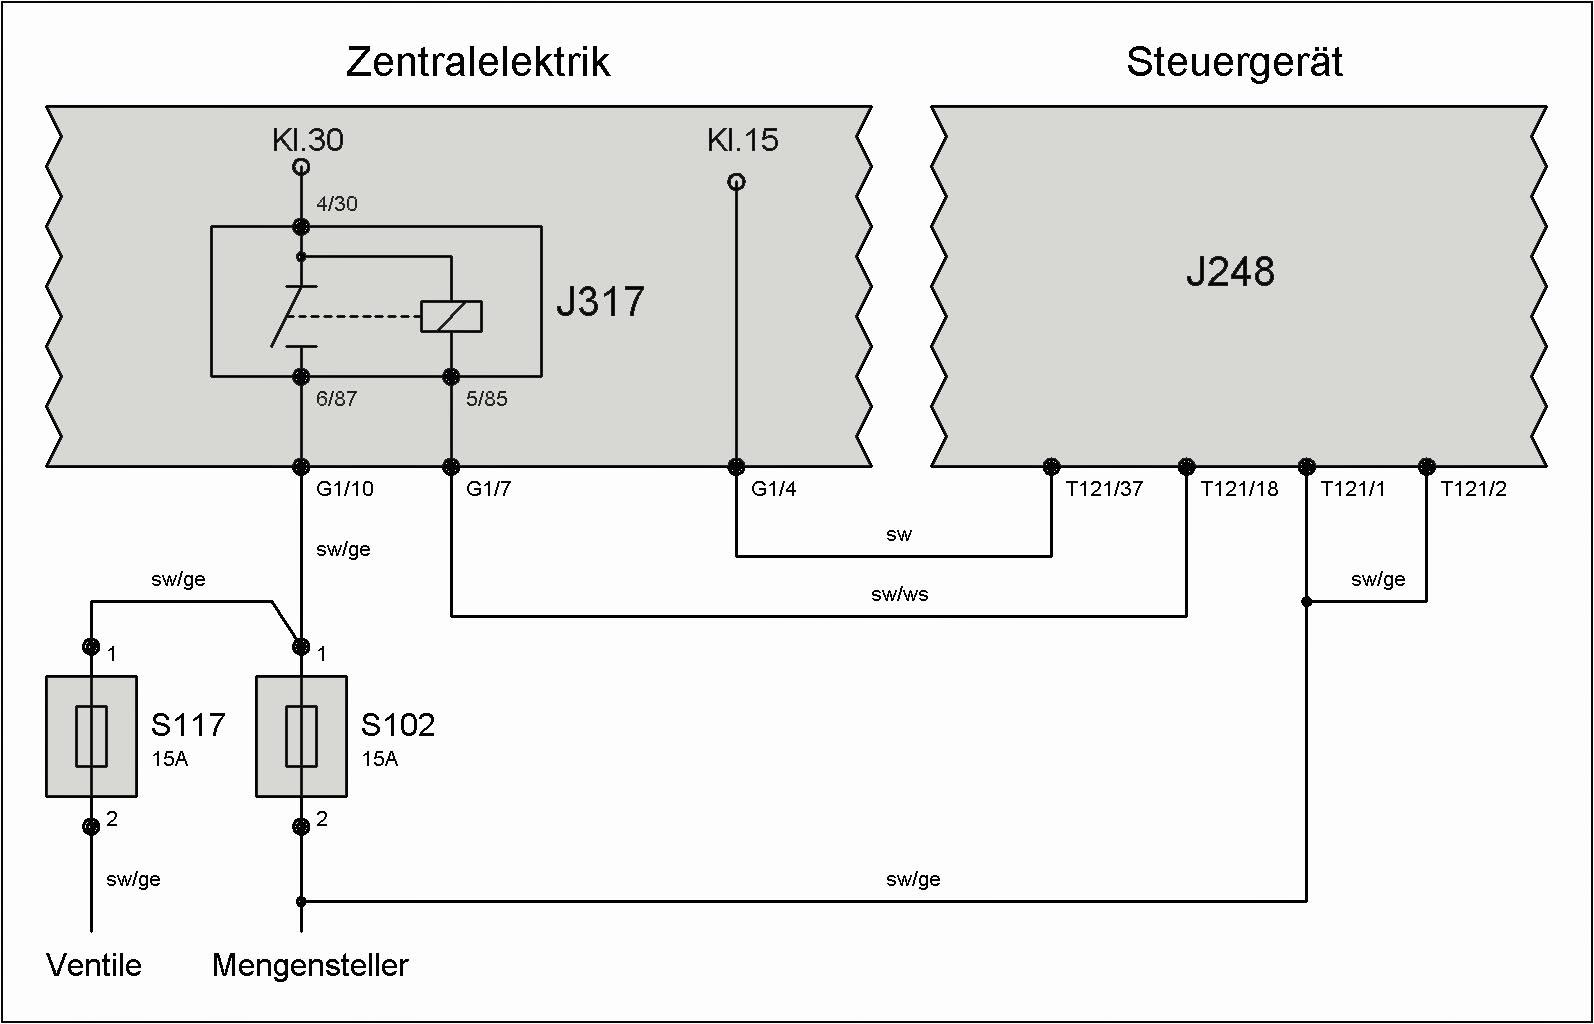 Großzügig Schaltplan Stecker Fotos - Verdrahtungsideen - korsmi.info